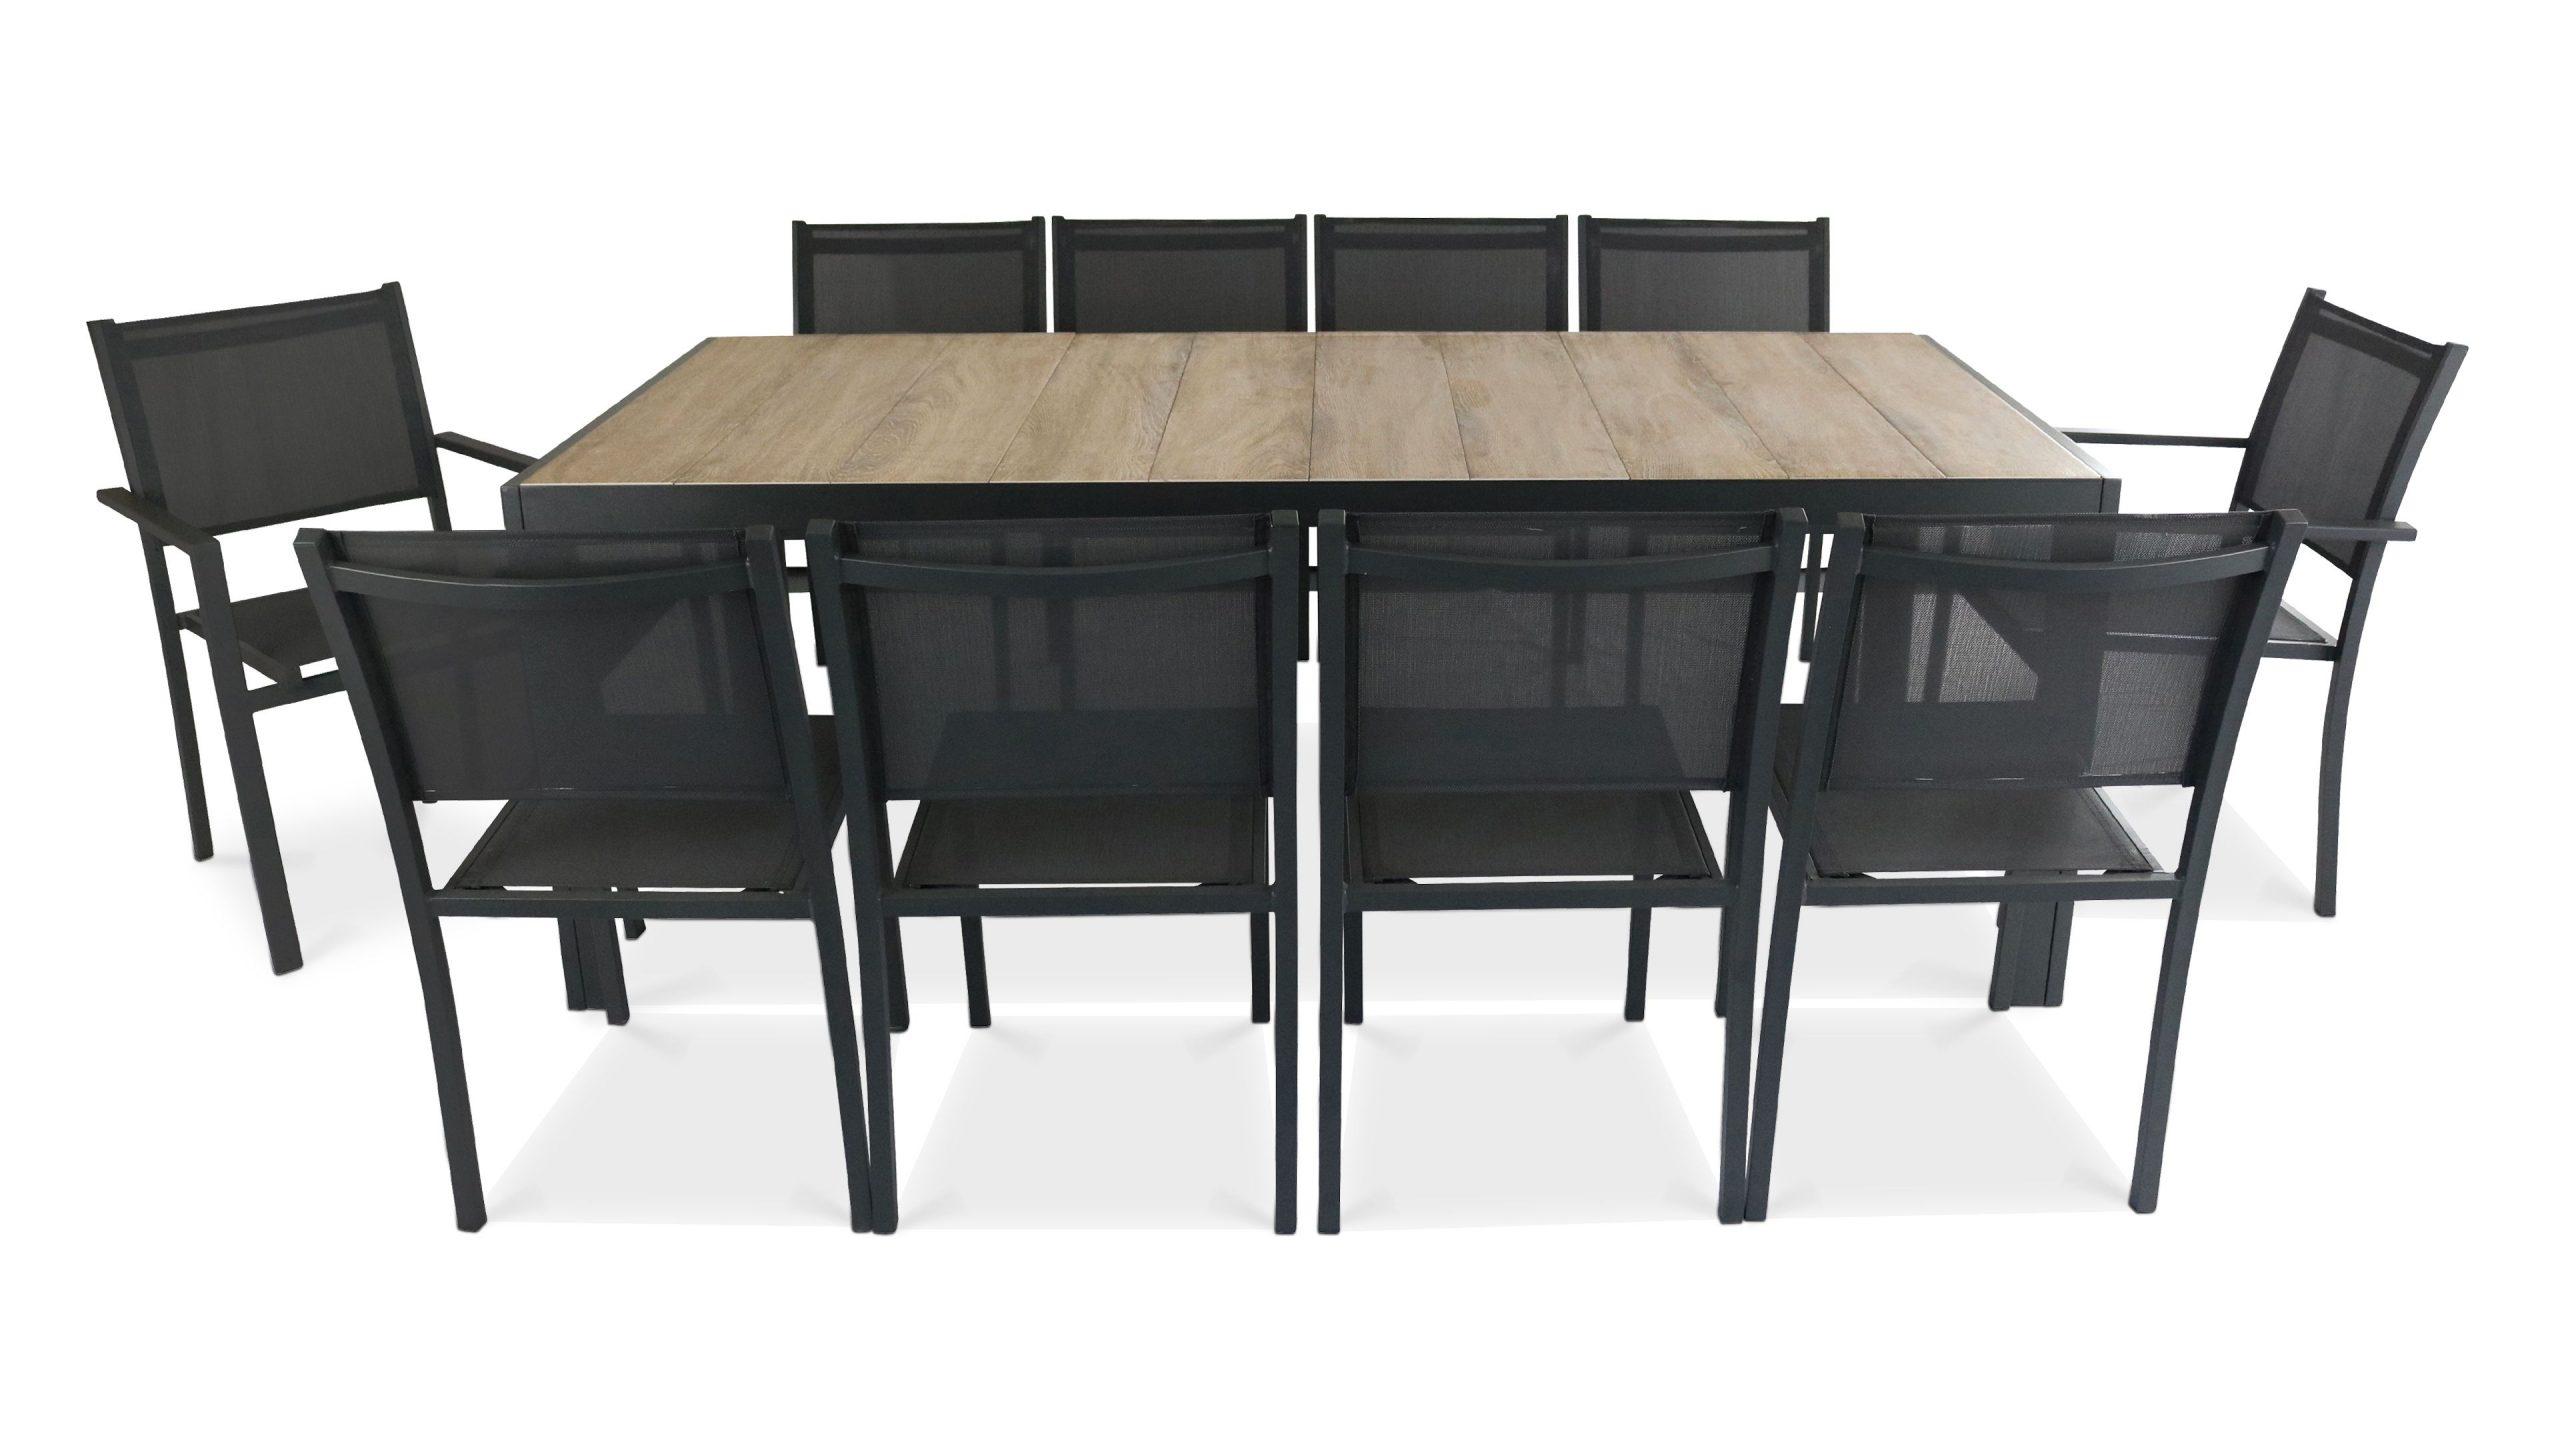 Table De Jardin 10 Places Aluminium Et Céramique   Oviala destiné Table De Jardin Design Pas Cher